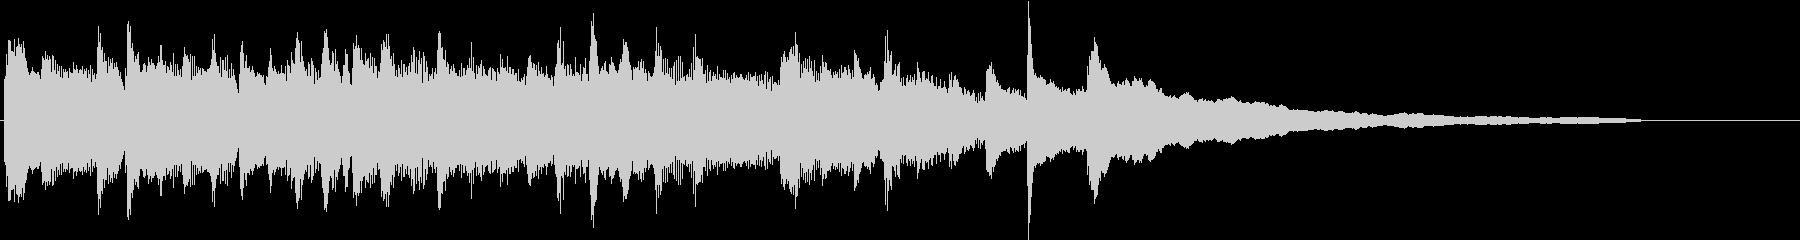 綺麗で切ないピアノソロのサウンドロゴの未再生の波形